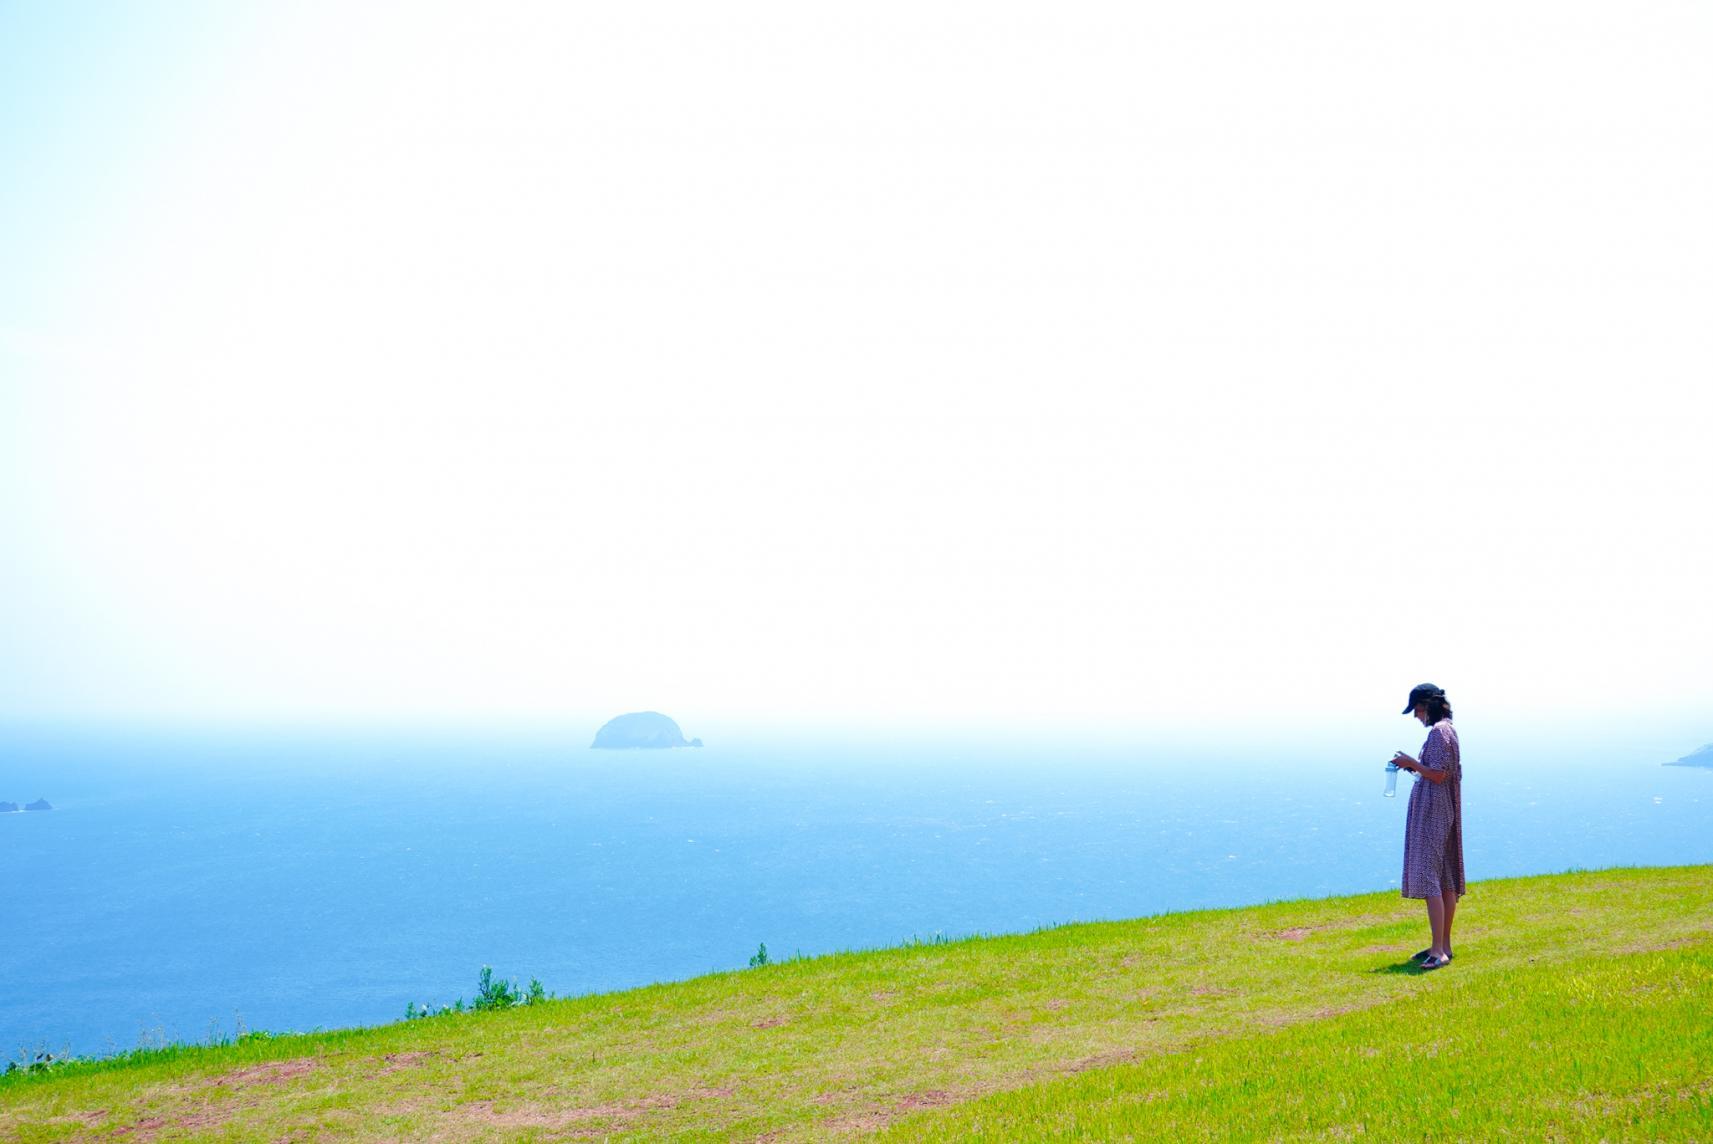 五島列島の小さなオアシス!小値賀へ絶景しま旅リトリート!-2